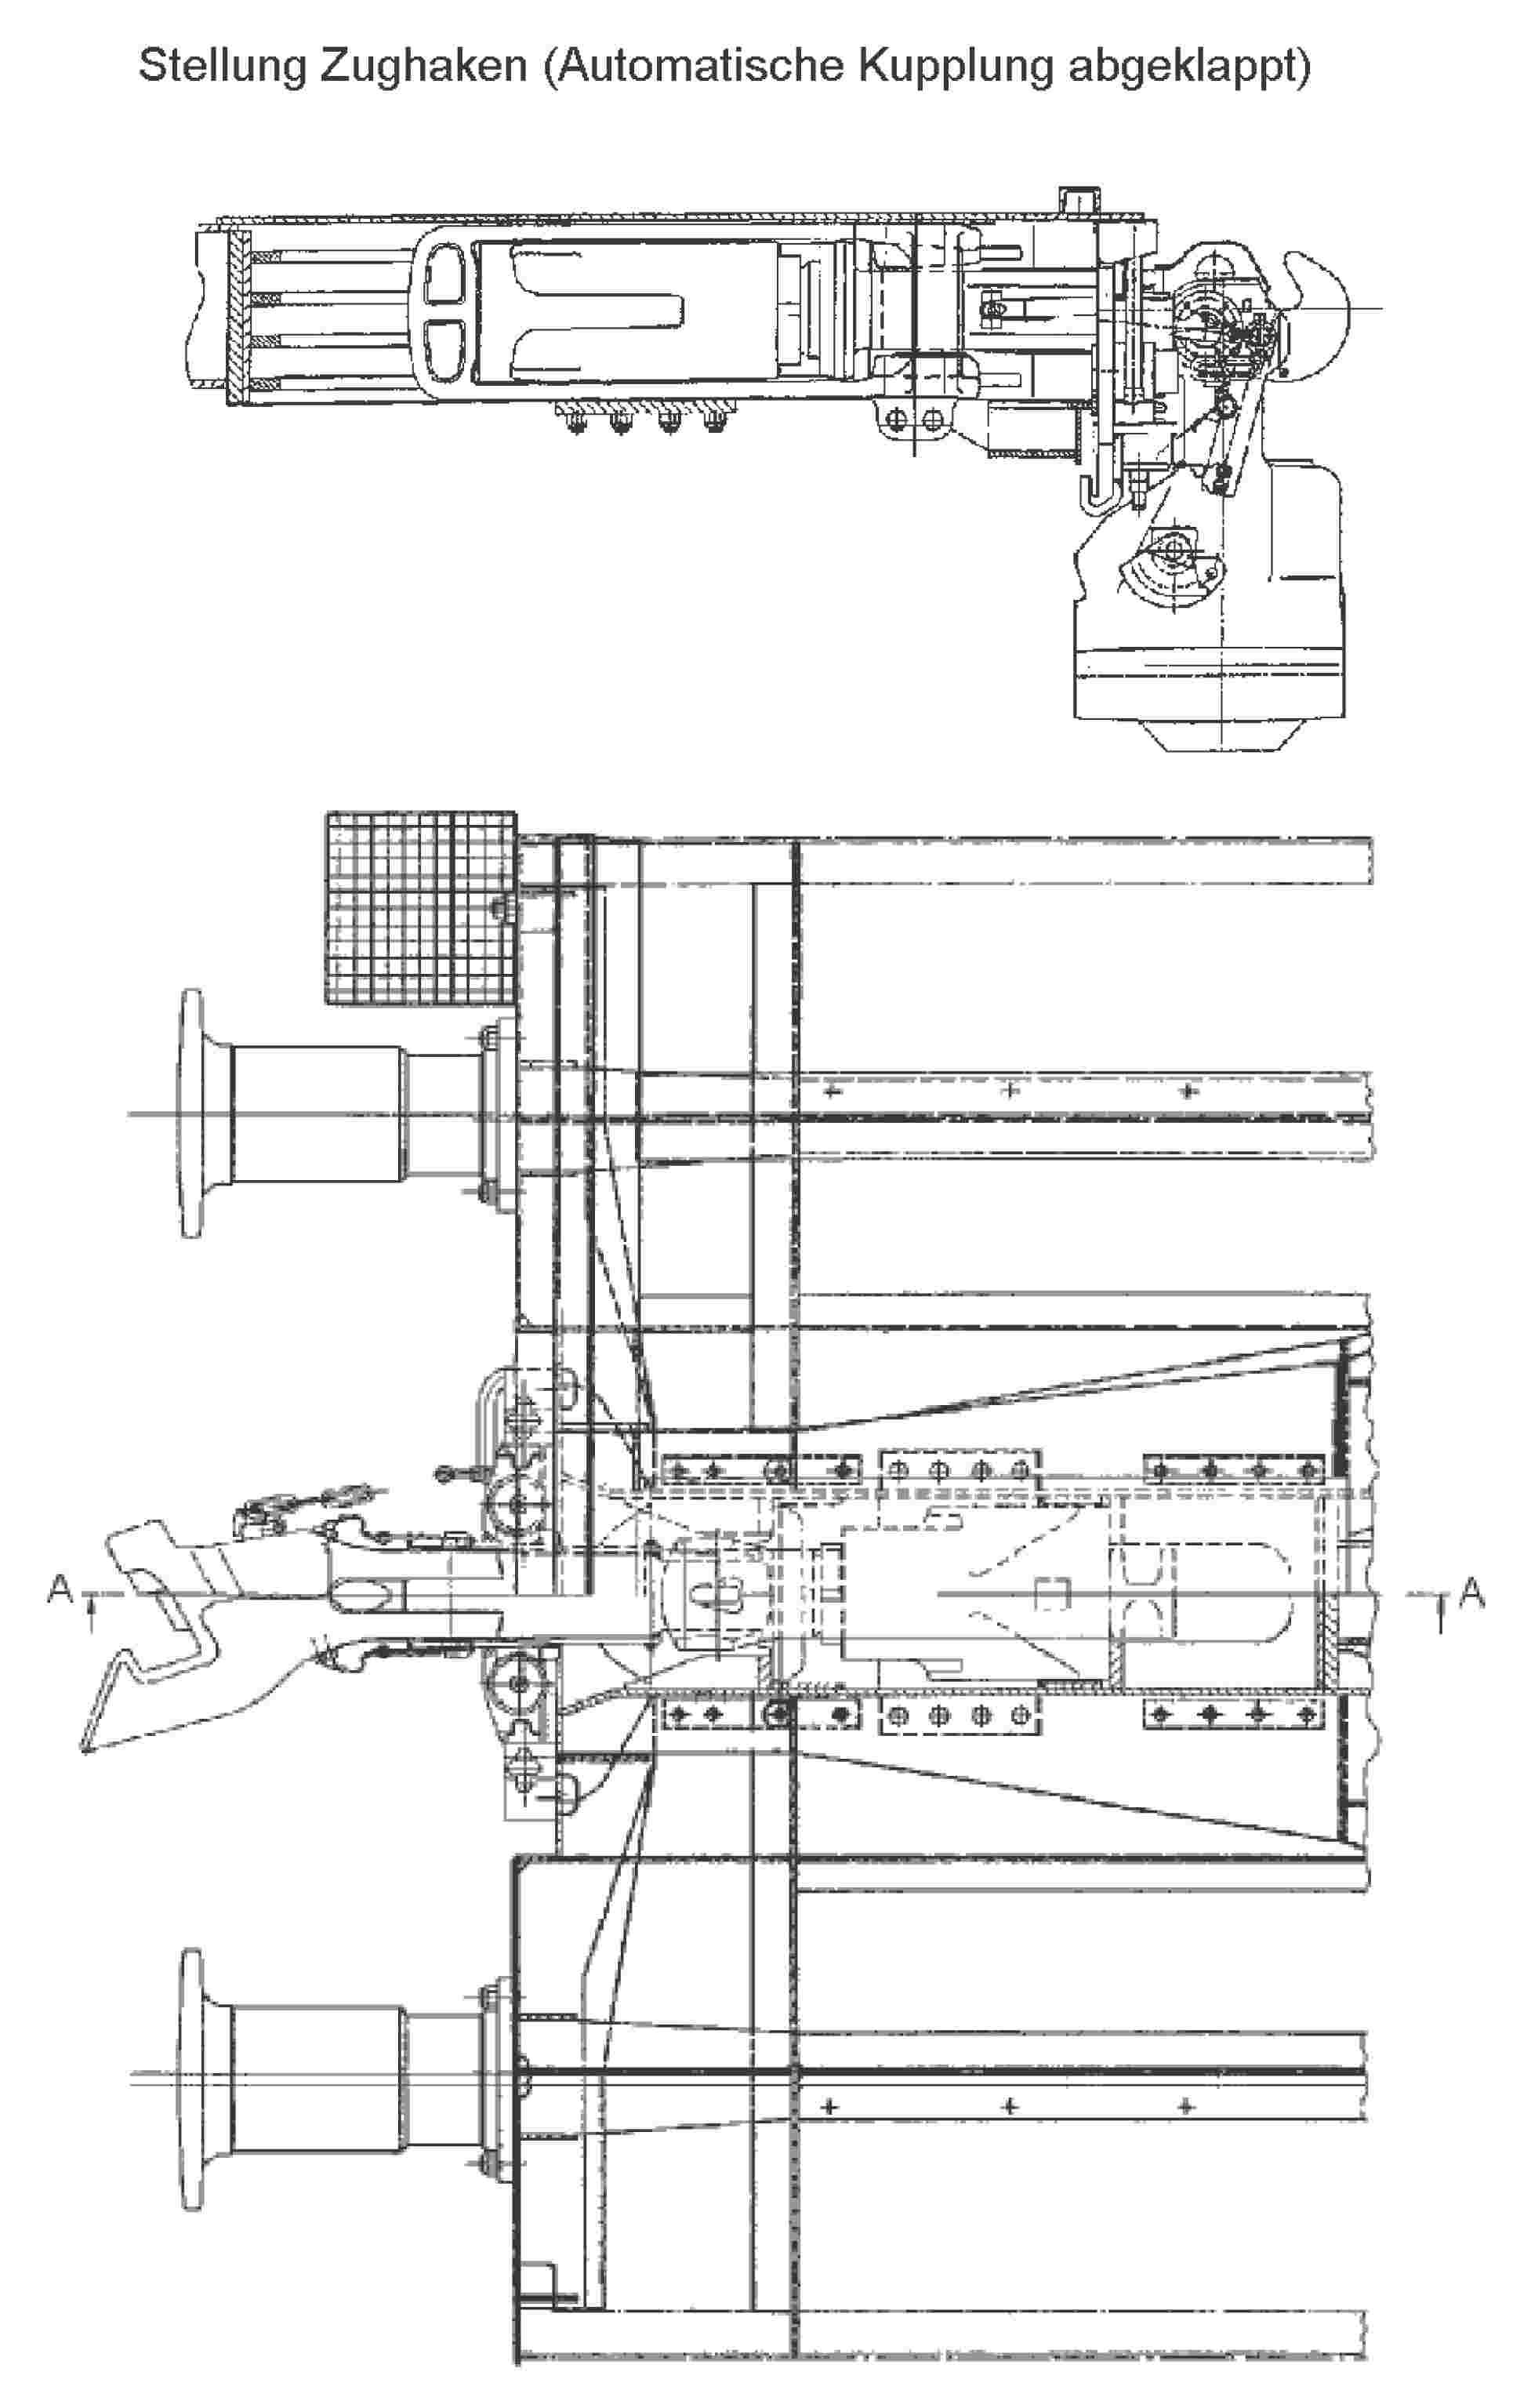 EUR-Lex - 02006D0861-20130124 - EN - EUR-Lex